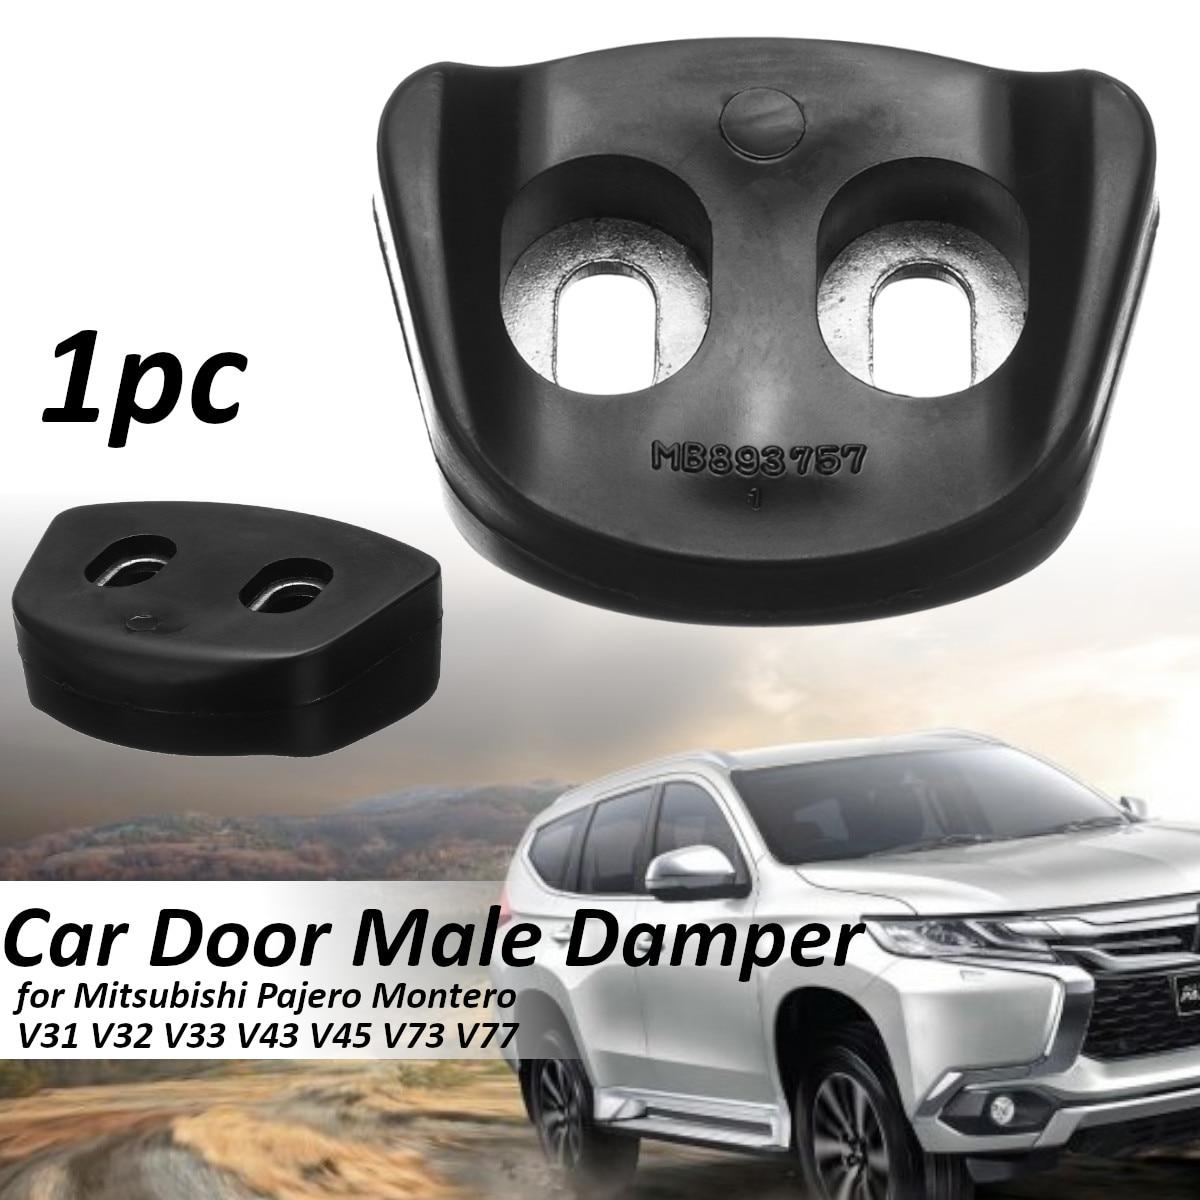 Smart Car Door Bumper Male Dampers Buffer Pad Anti Shock Bump Stop Rubber For Mitsubishi Pajero Montero V31 V32 V33 V43 V45 V73 V77